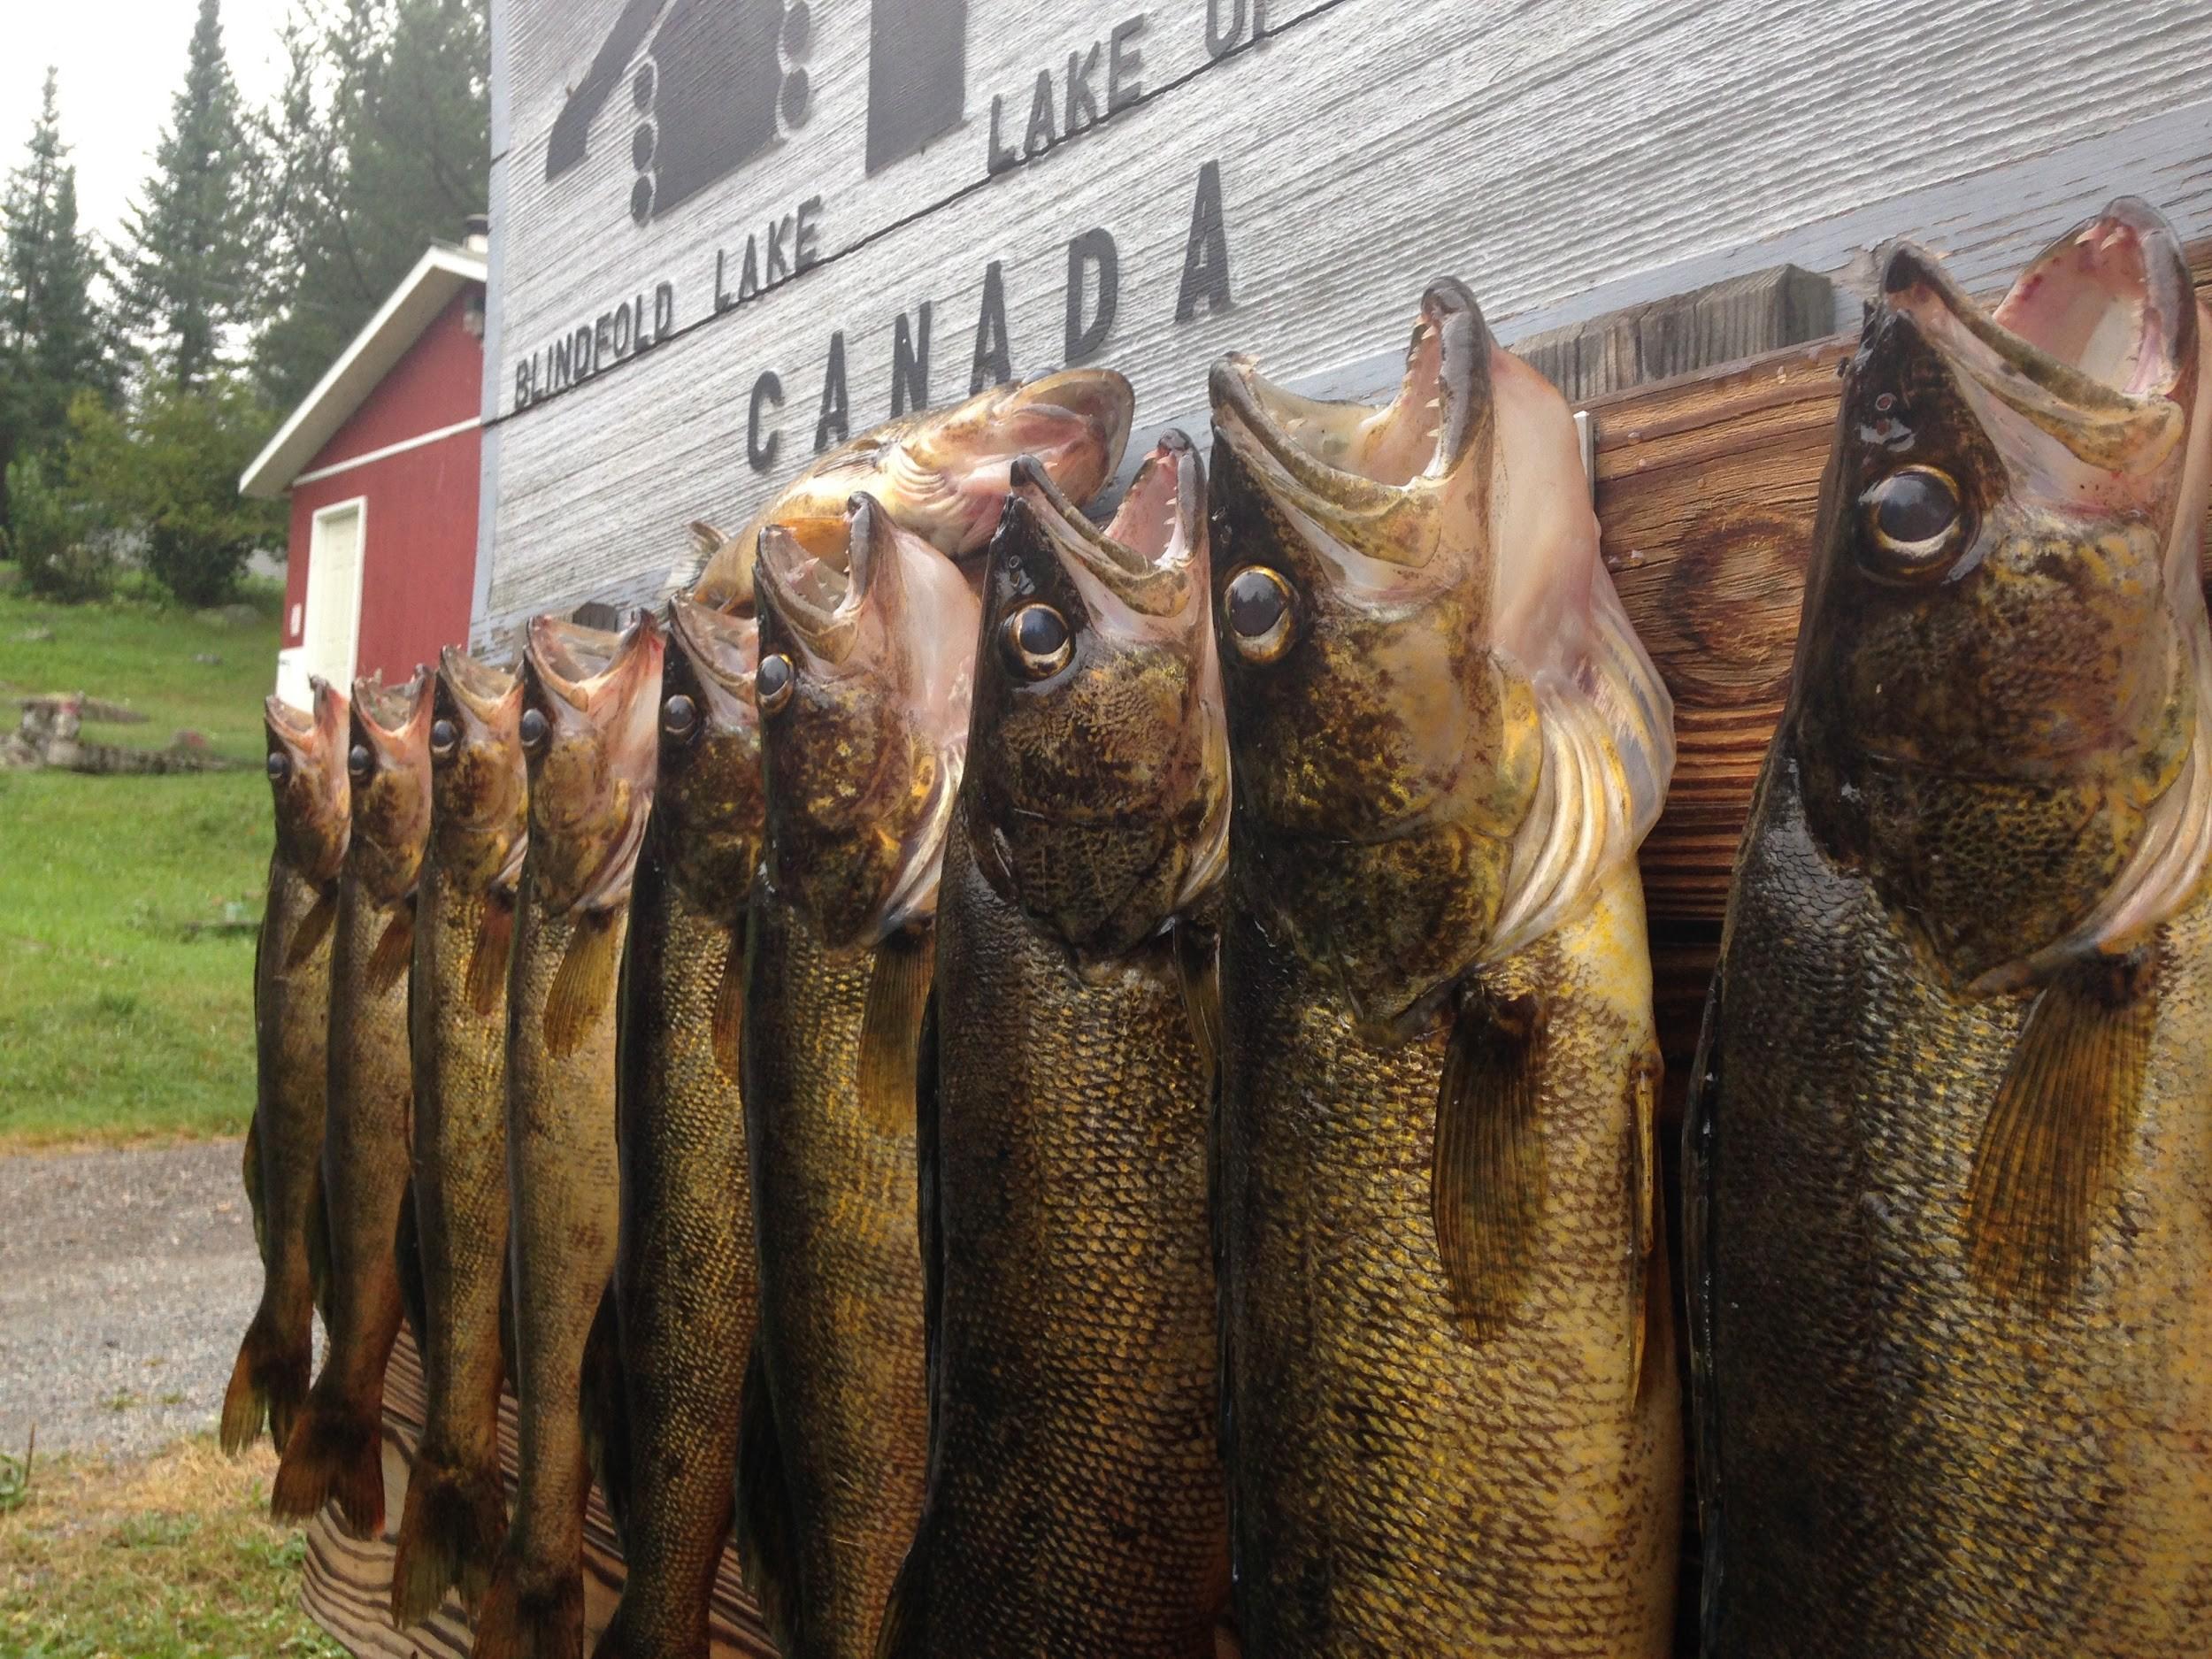 Fishing | Tyc's Blindfold Lake Resort